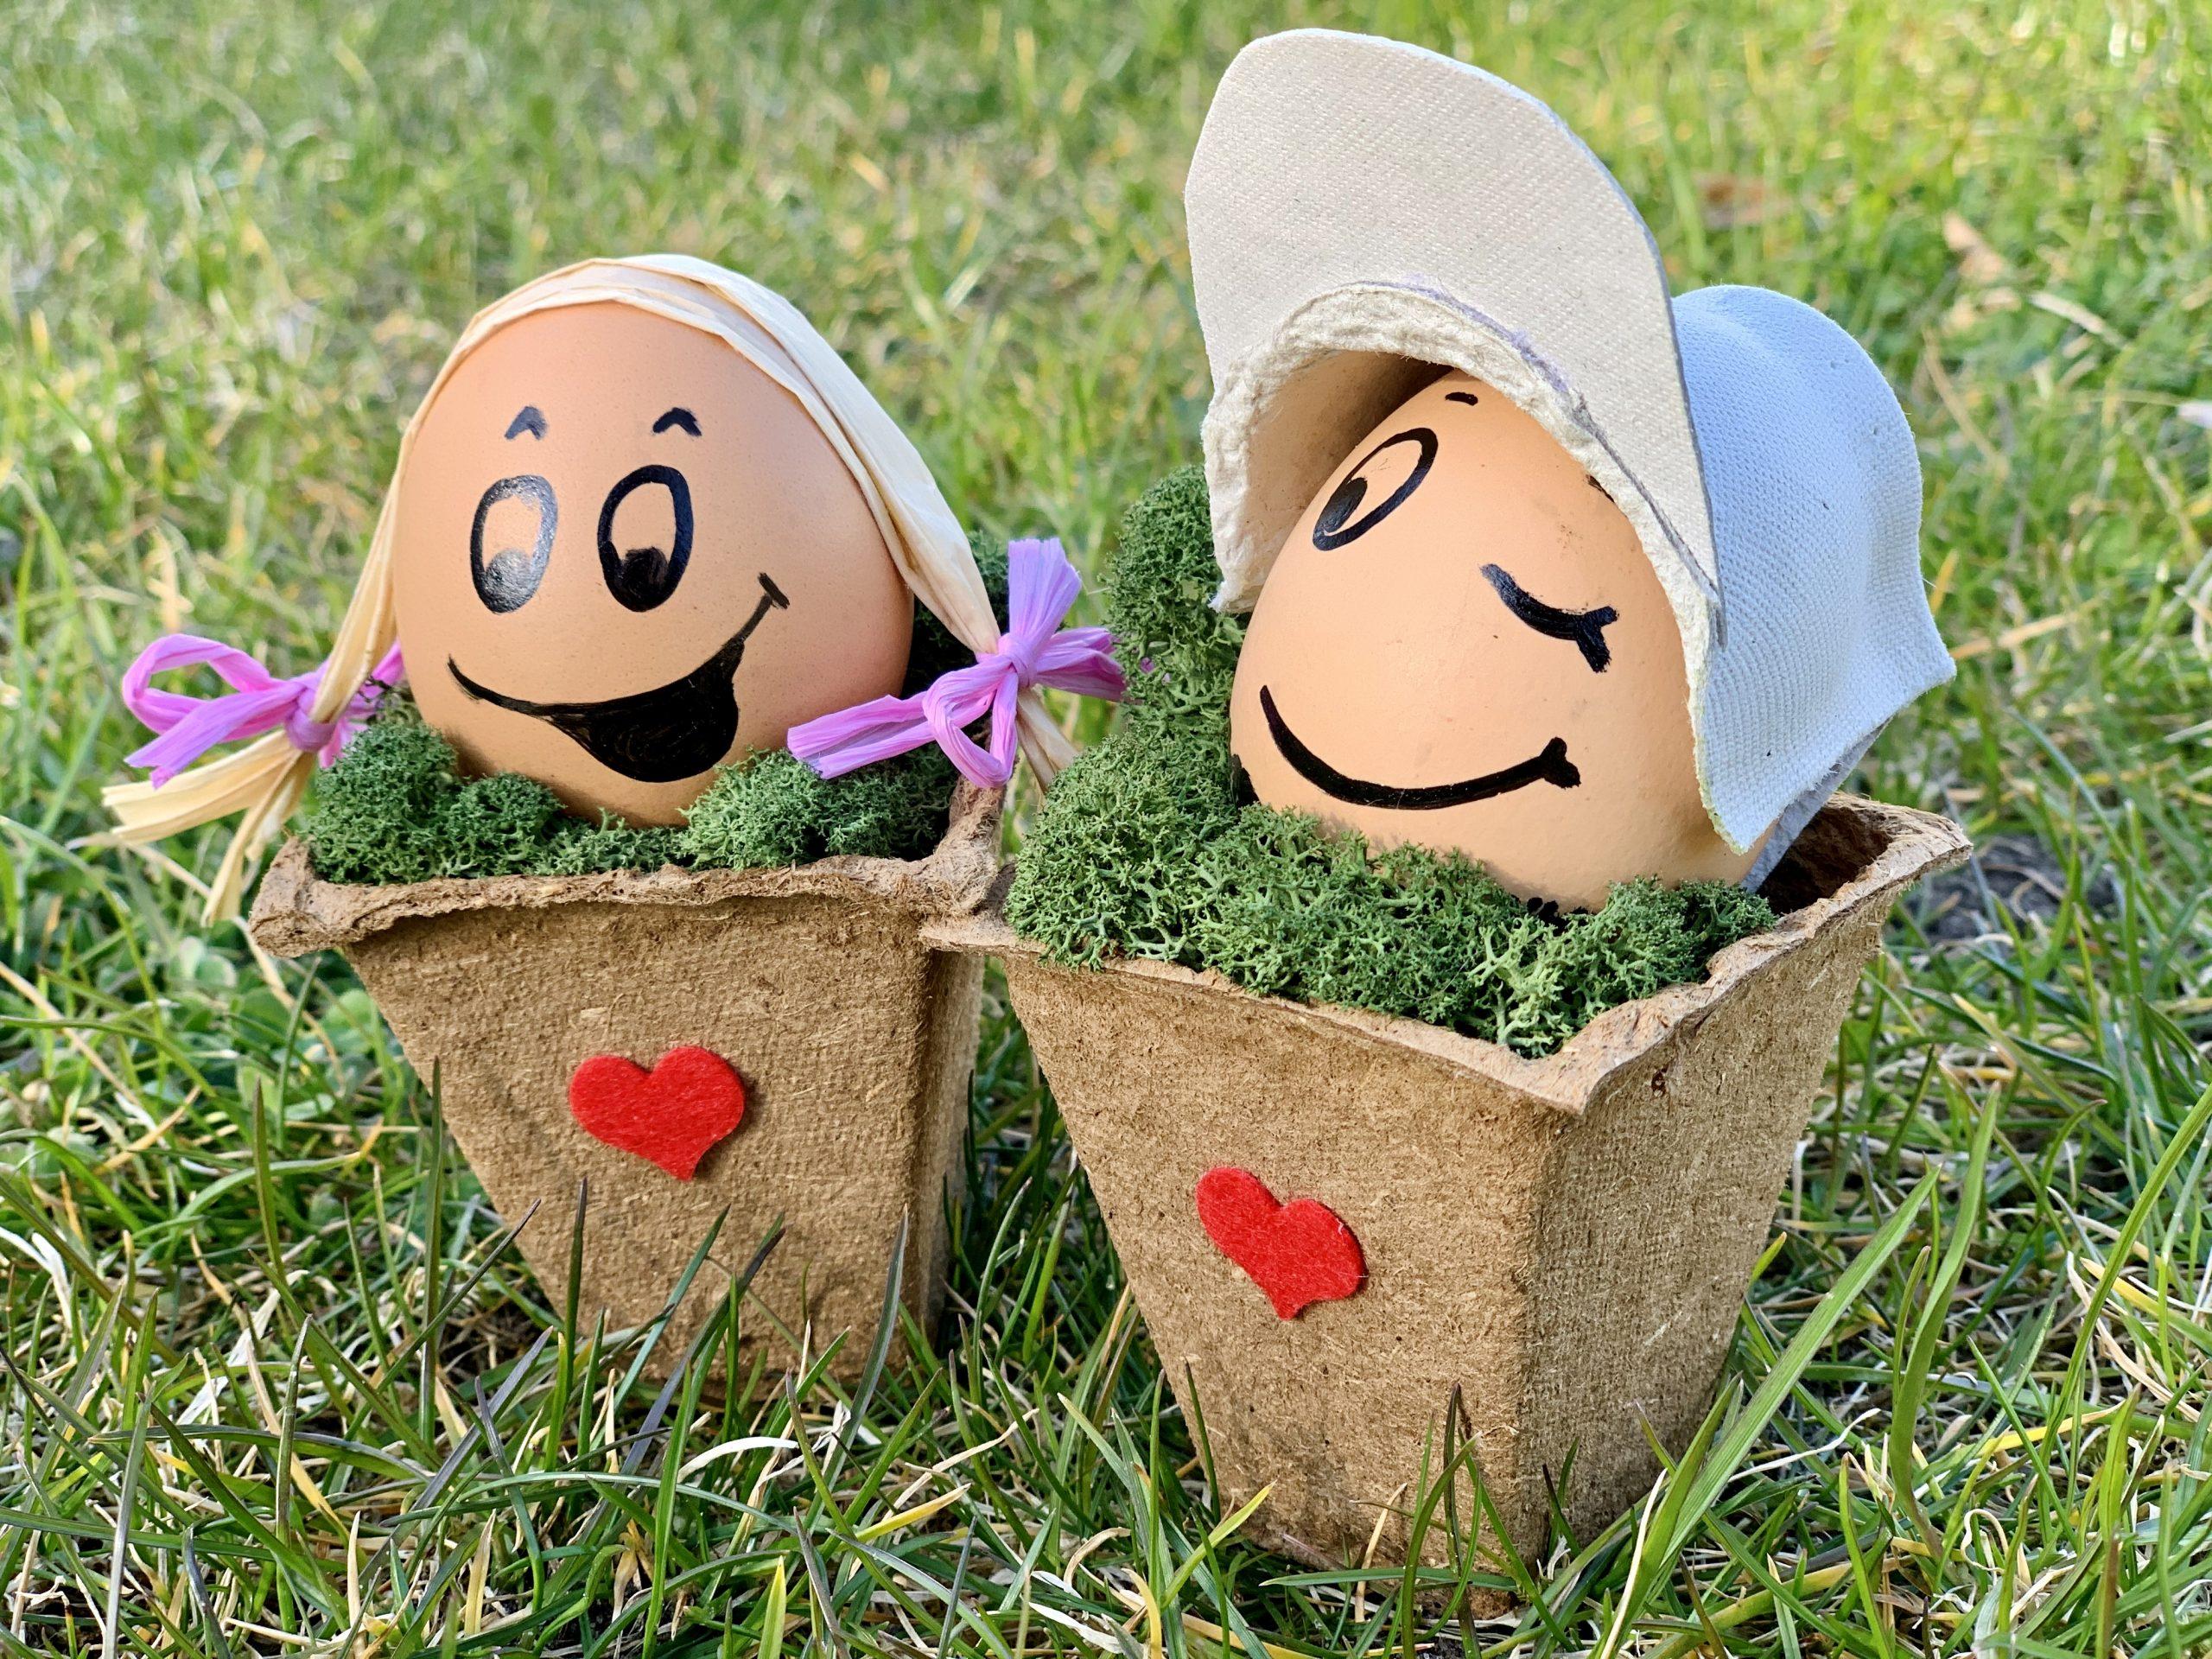 Otereierdeko zwei Eier mit Gesicht